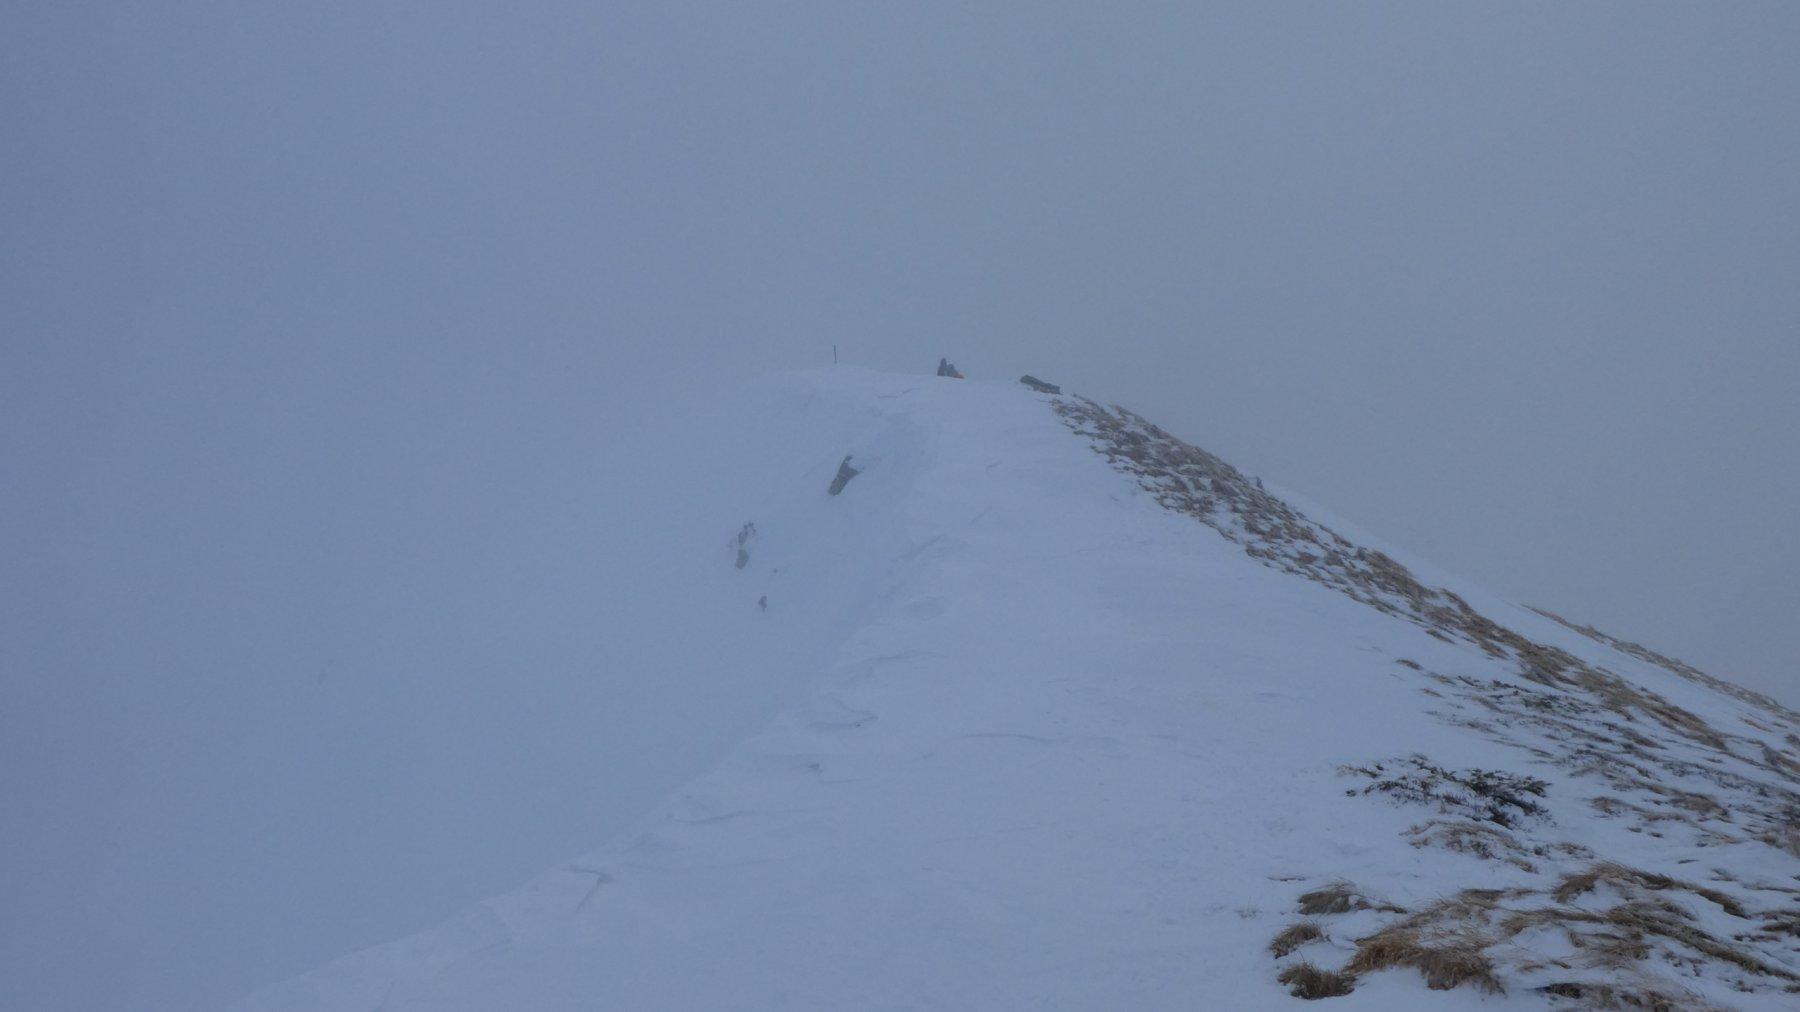 arrivando in vetta al Monte Sillano tra la nebbia purtroppo